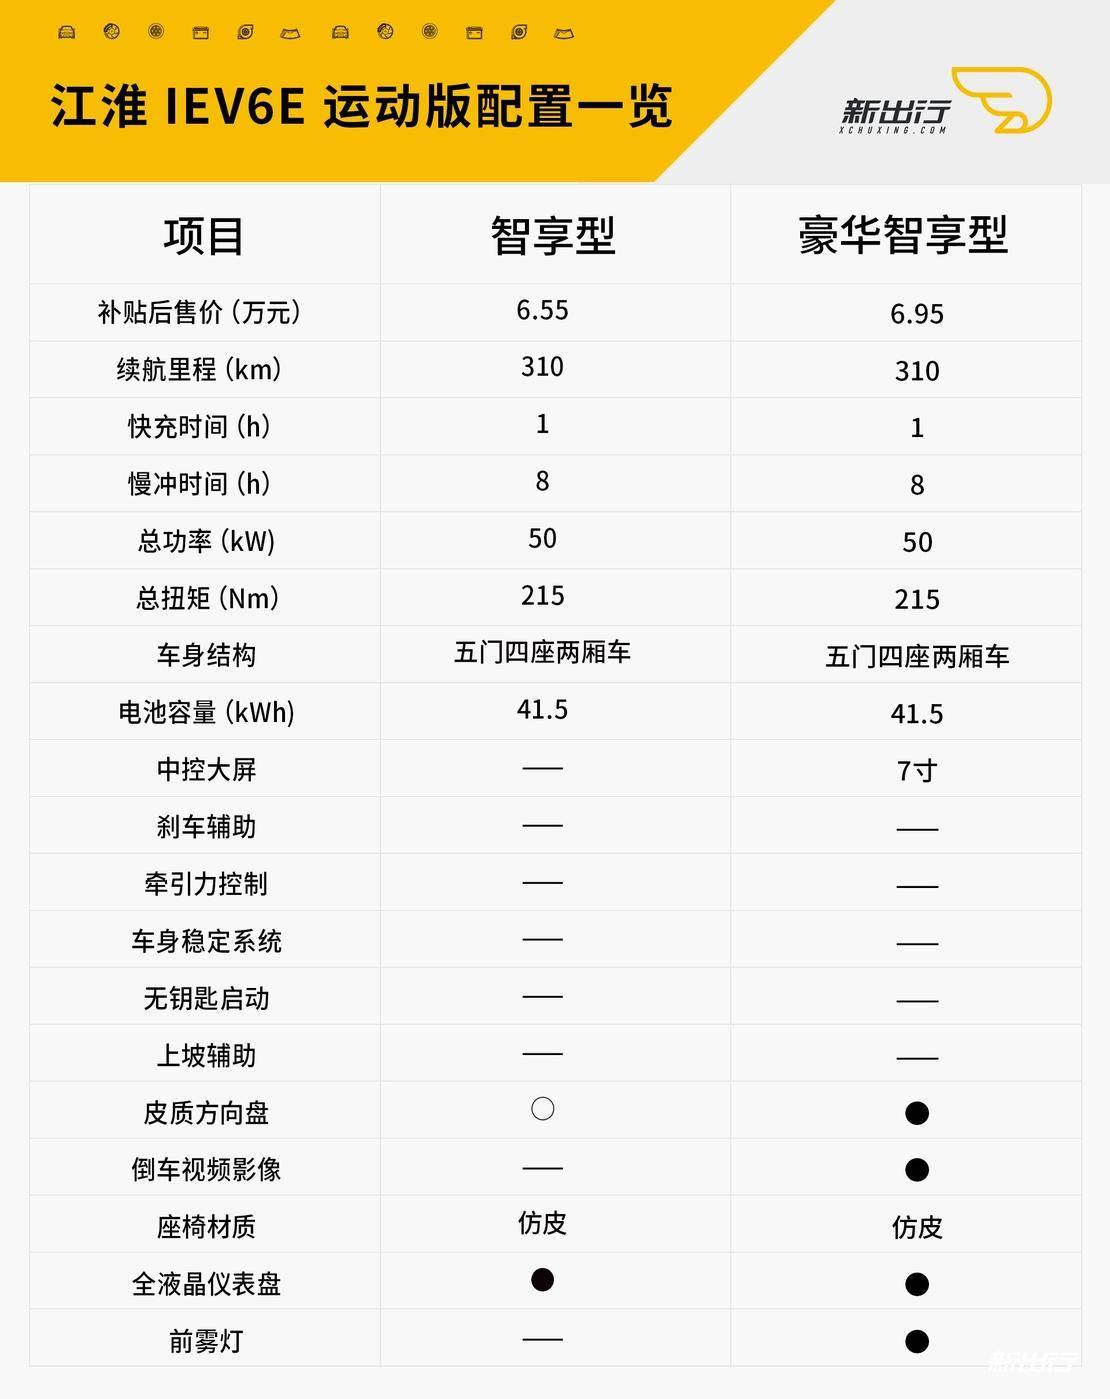 江淮-iev6e-运动版配置表psd.jpg